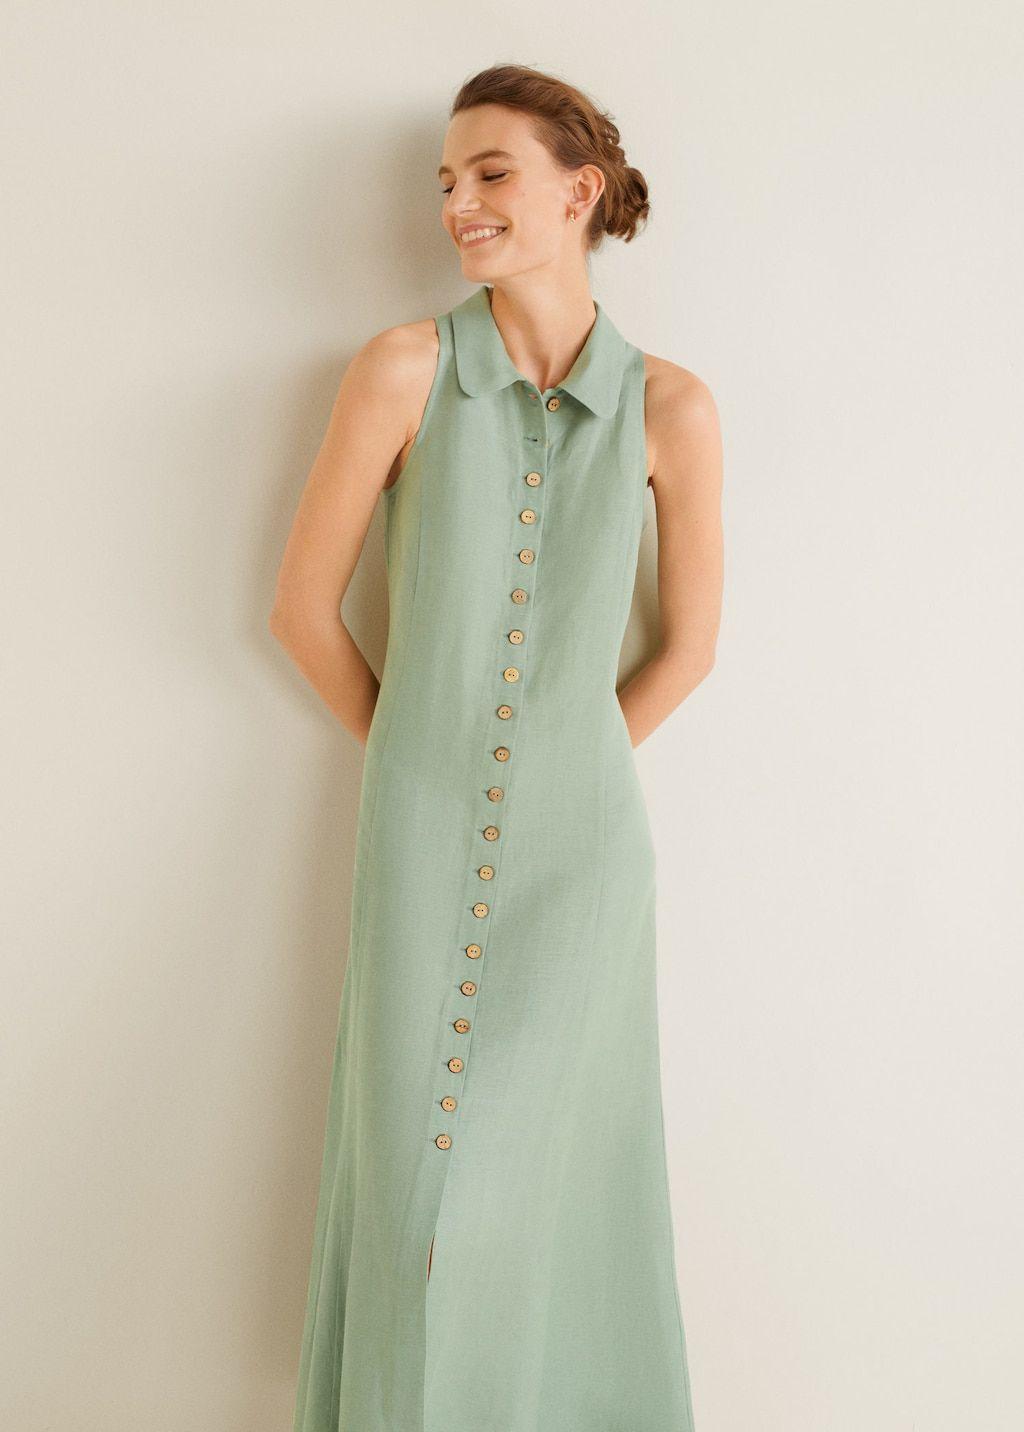 d39a5608cda Buttoned linen-blend dress - Women in 2019 | 255555 | Dresses ...